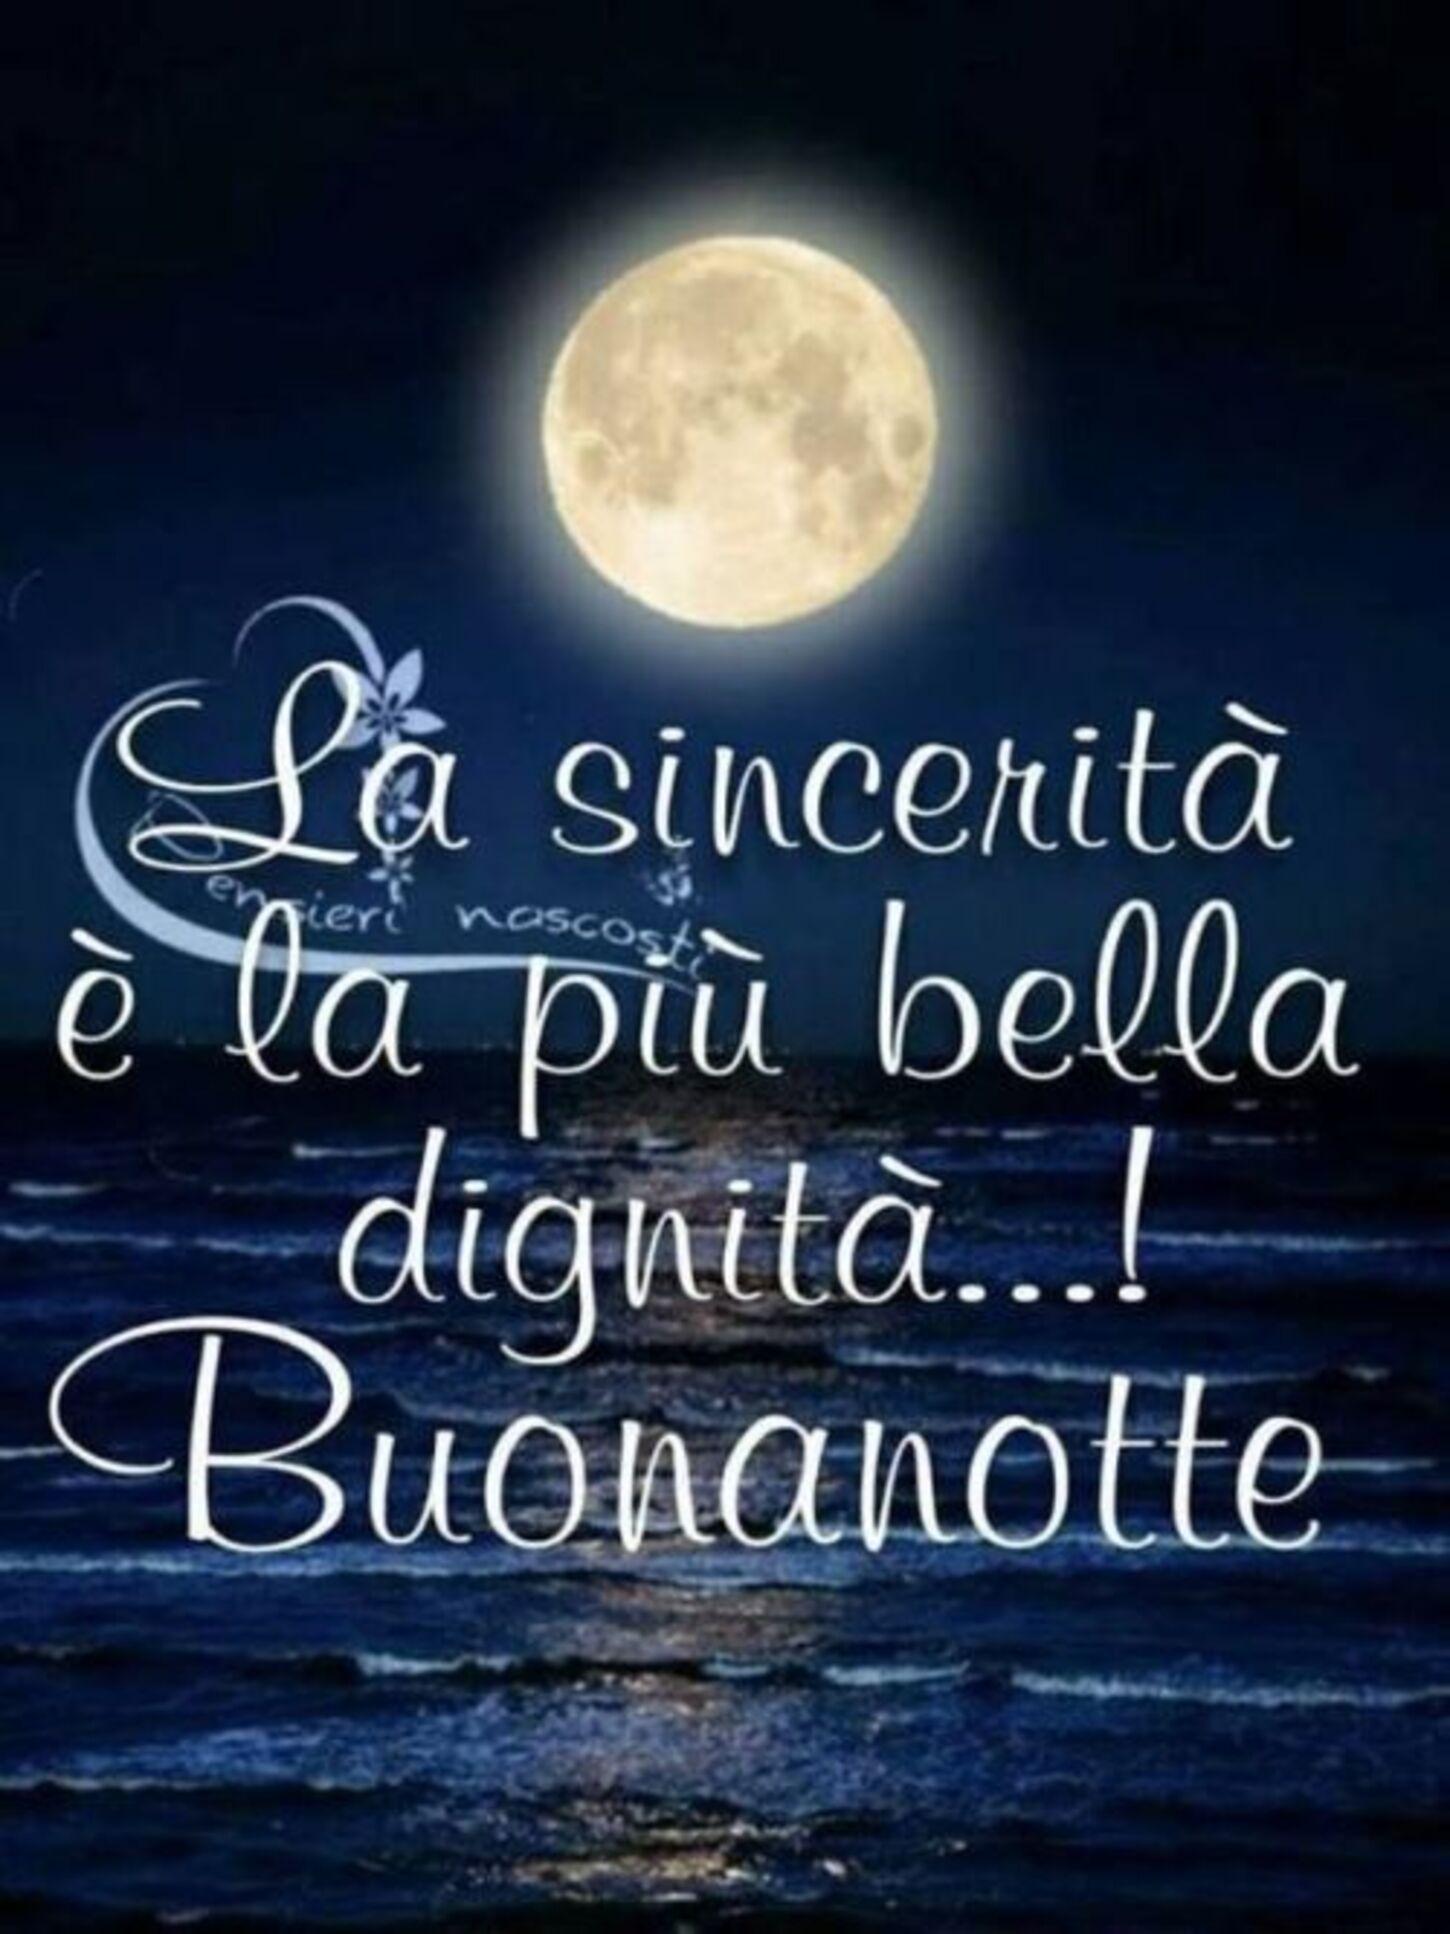 La sincerità è la più bella dignità...! Buonanotte